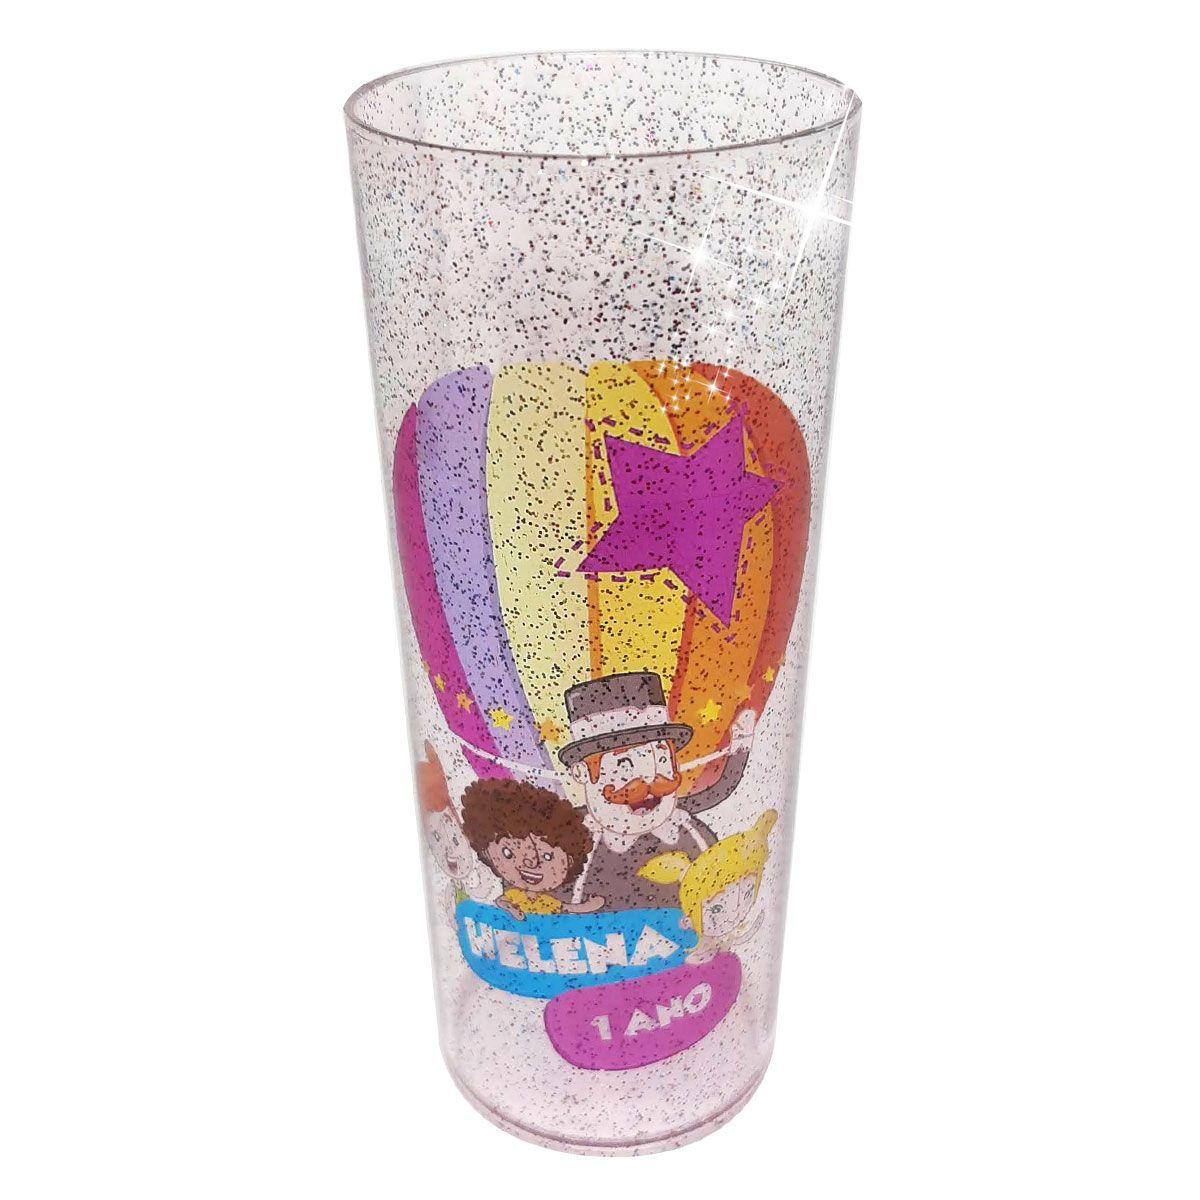 10x Copo Long Drink Transparente com Glitter Personalizado - Pacote com 10 unidades